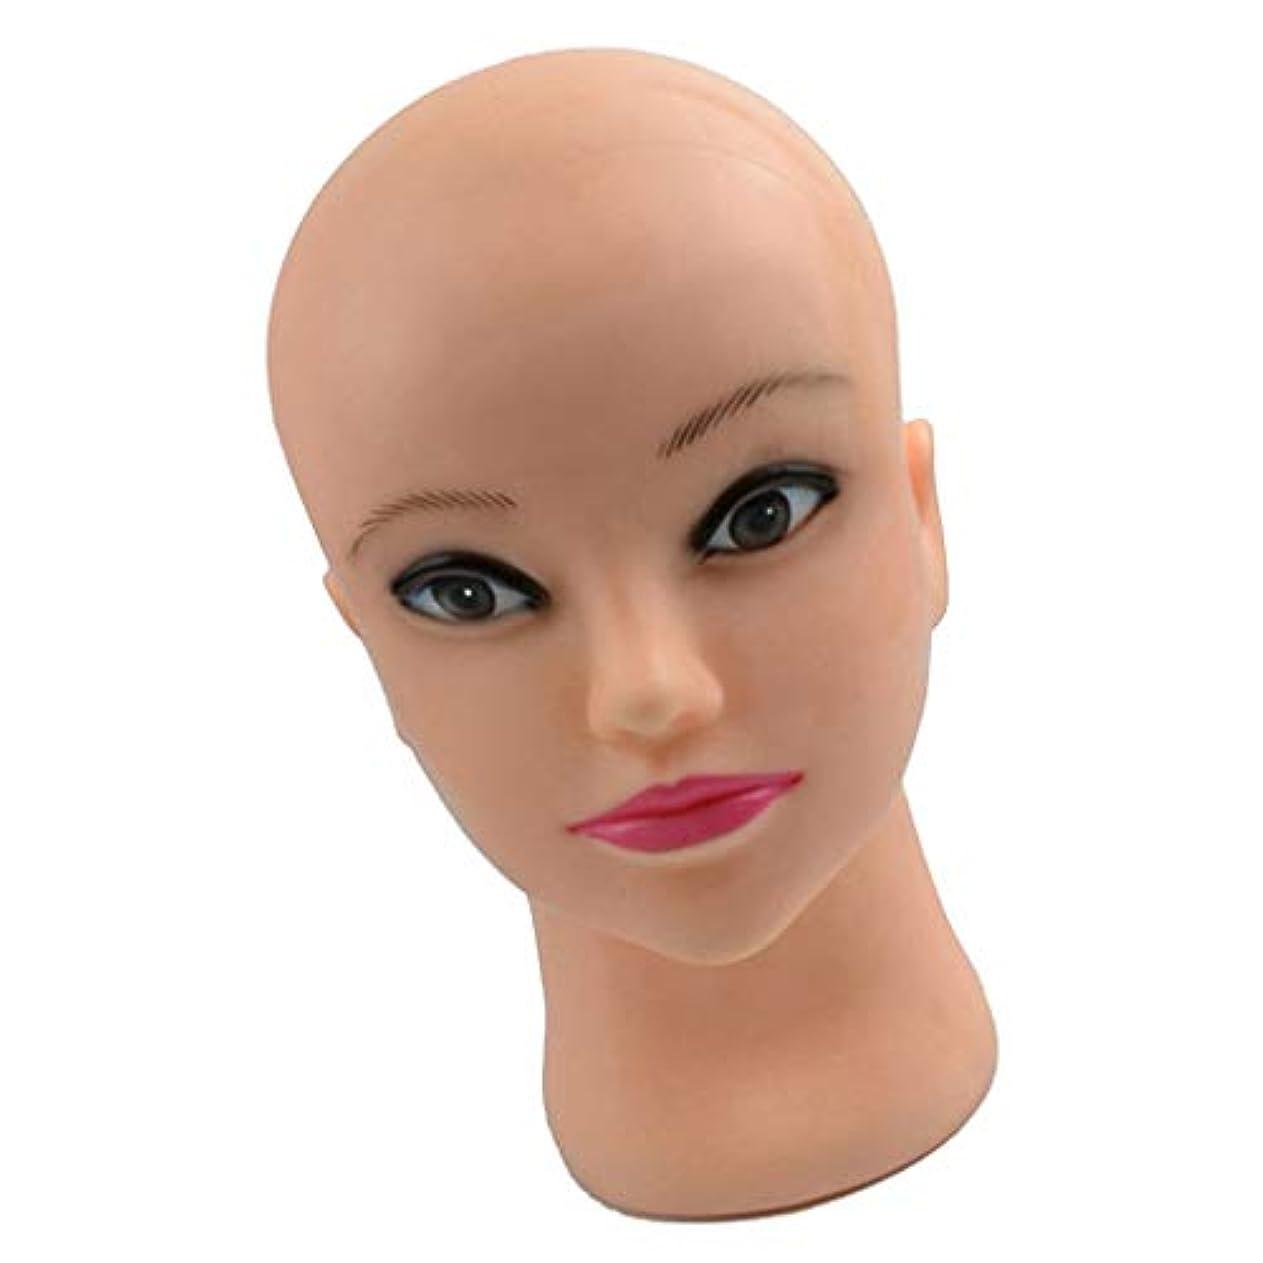 テメリティ寛大なオデュッセウスPerfeclan マネキンヘッド メイク 化粧練習 シリコーン メイク練習用 モデル 美容室用 トレーニングに